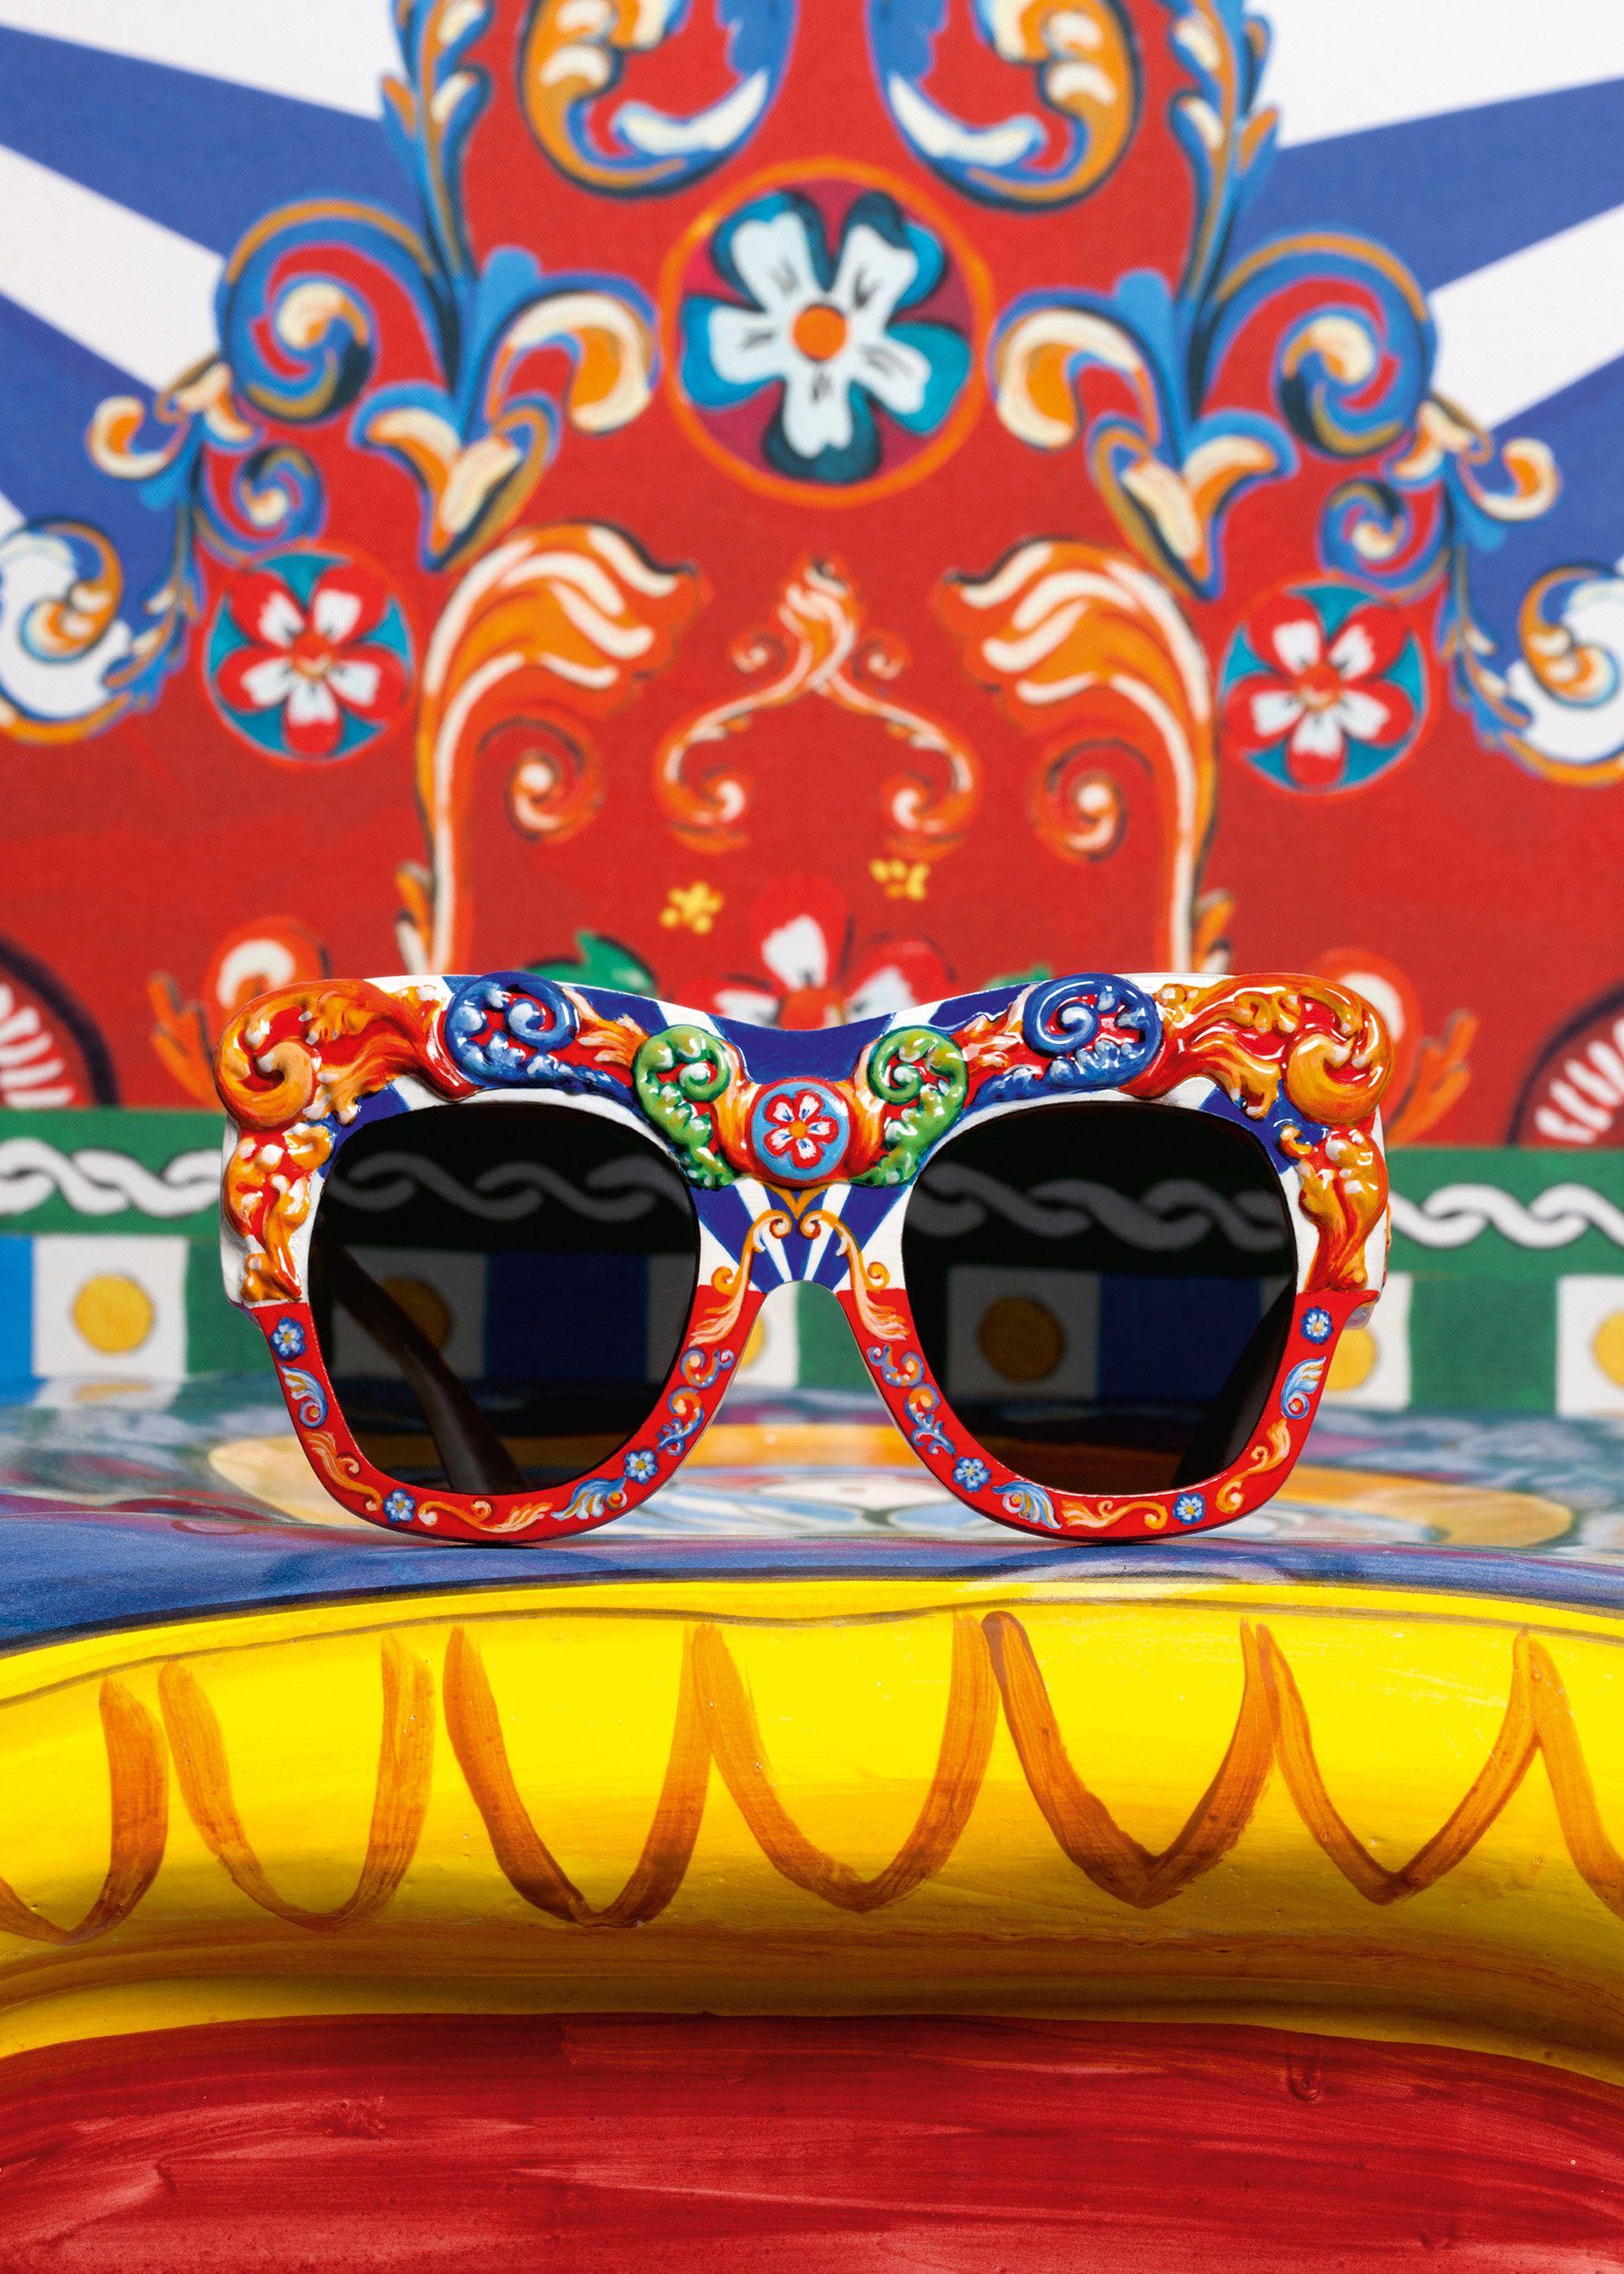 Dolce & Gabbana Collezione Donna Estate 2016 Carretto Siciliano: scopri tutti i dettagli.